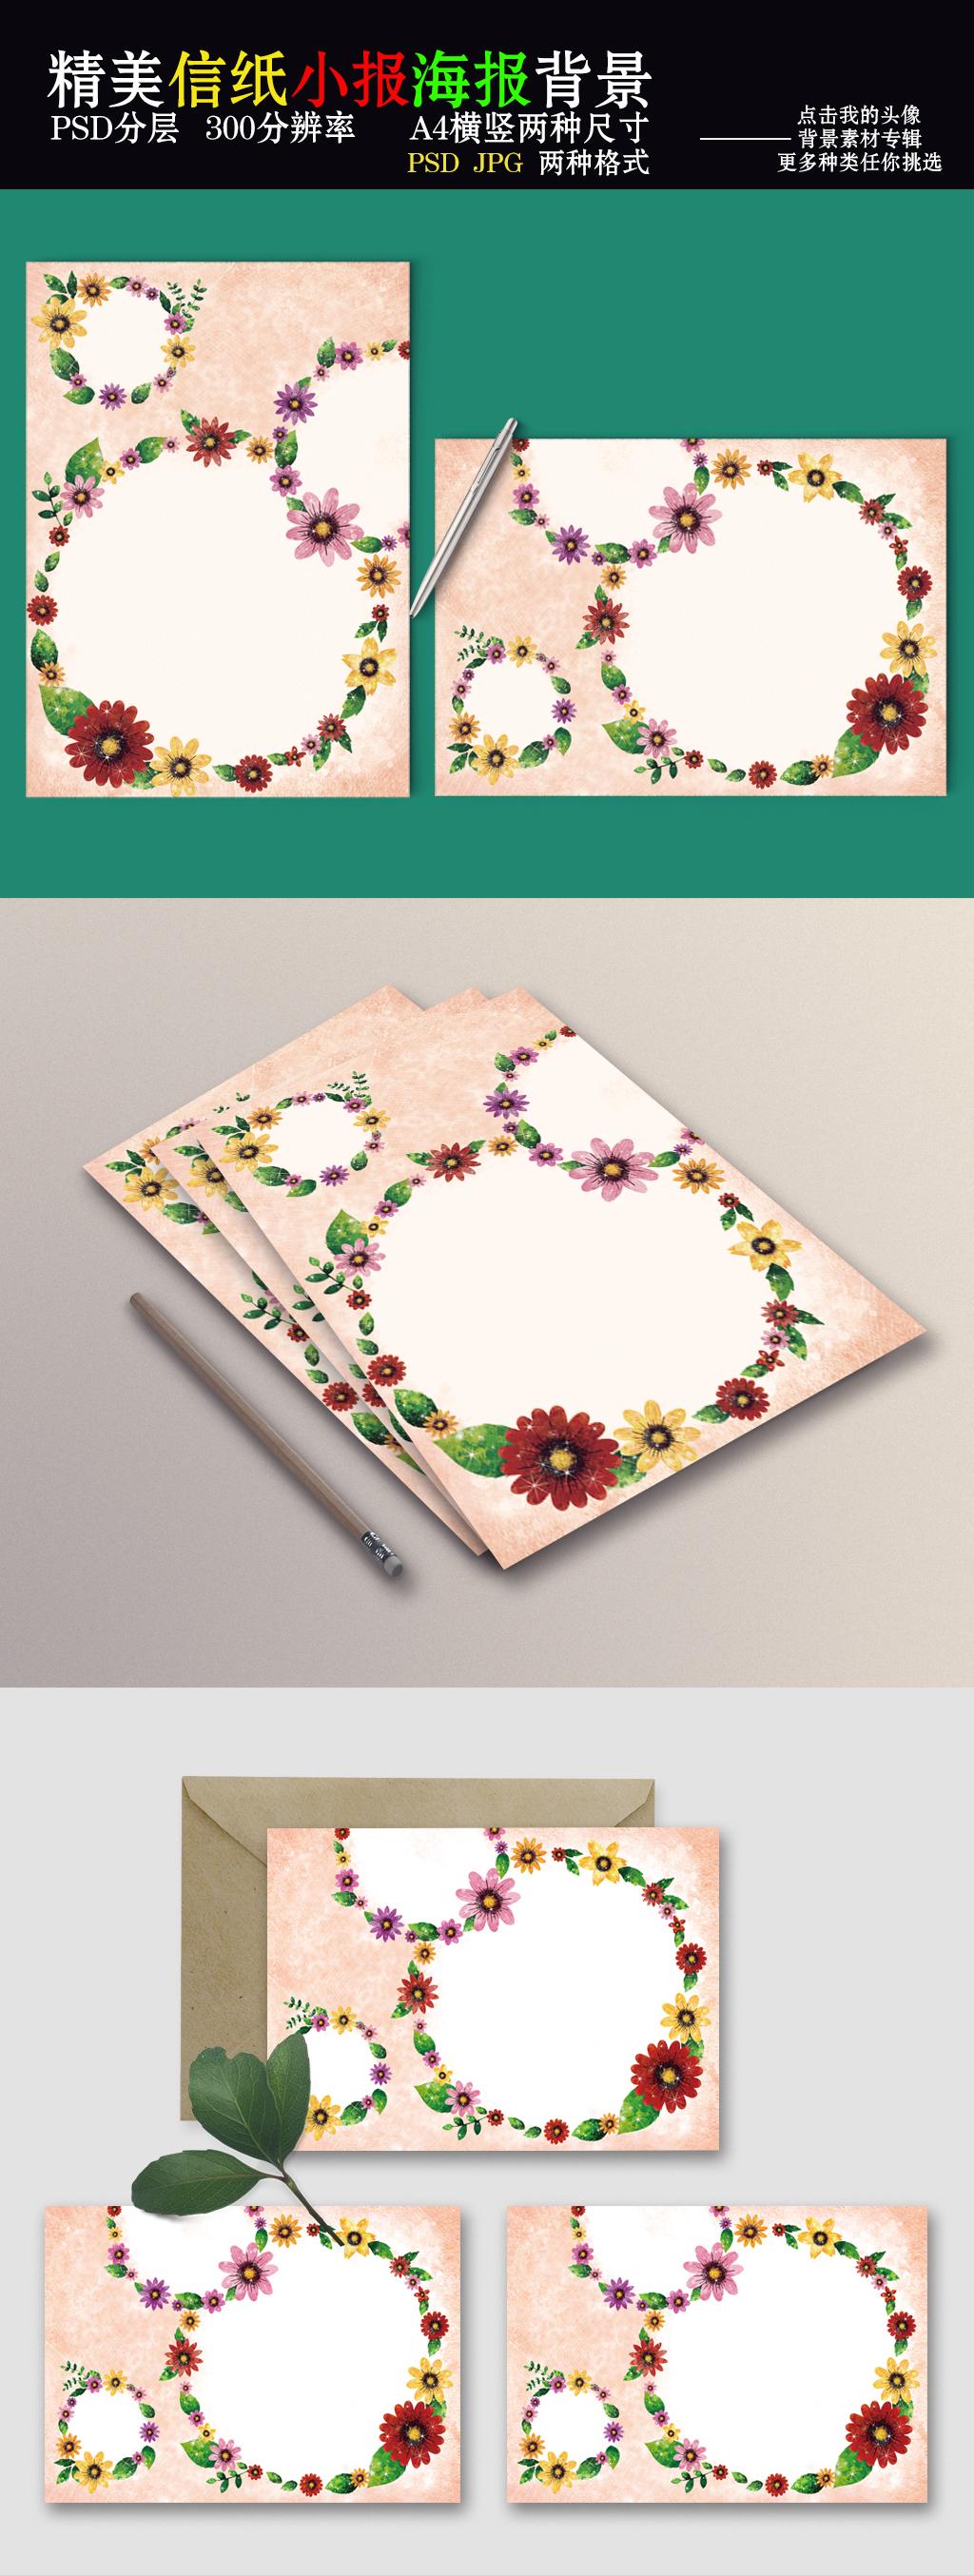 微信                   精美花卉花框信纸小报海报背景素材素材模板